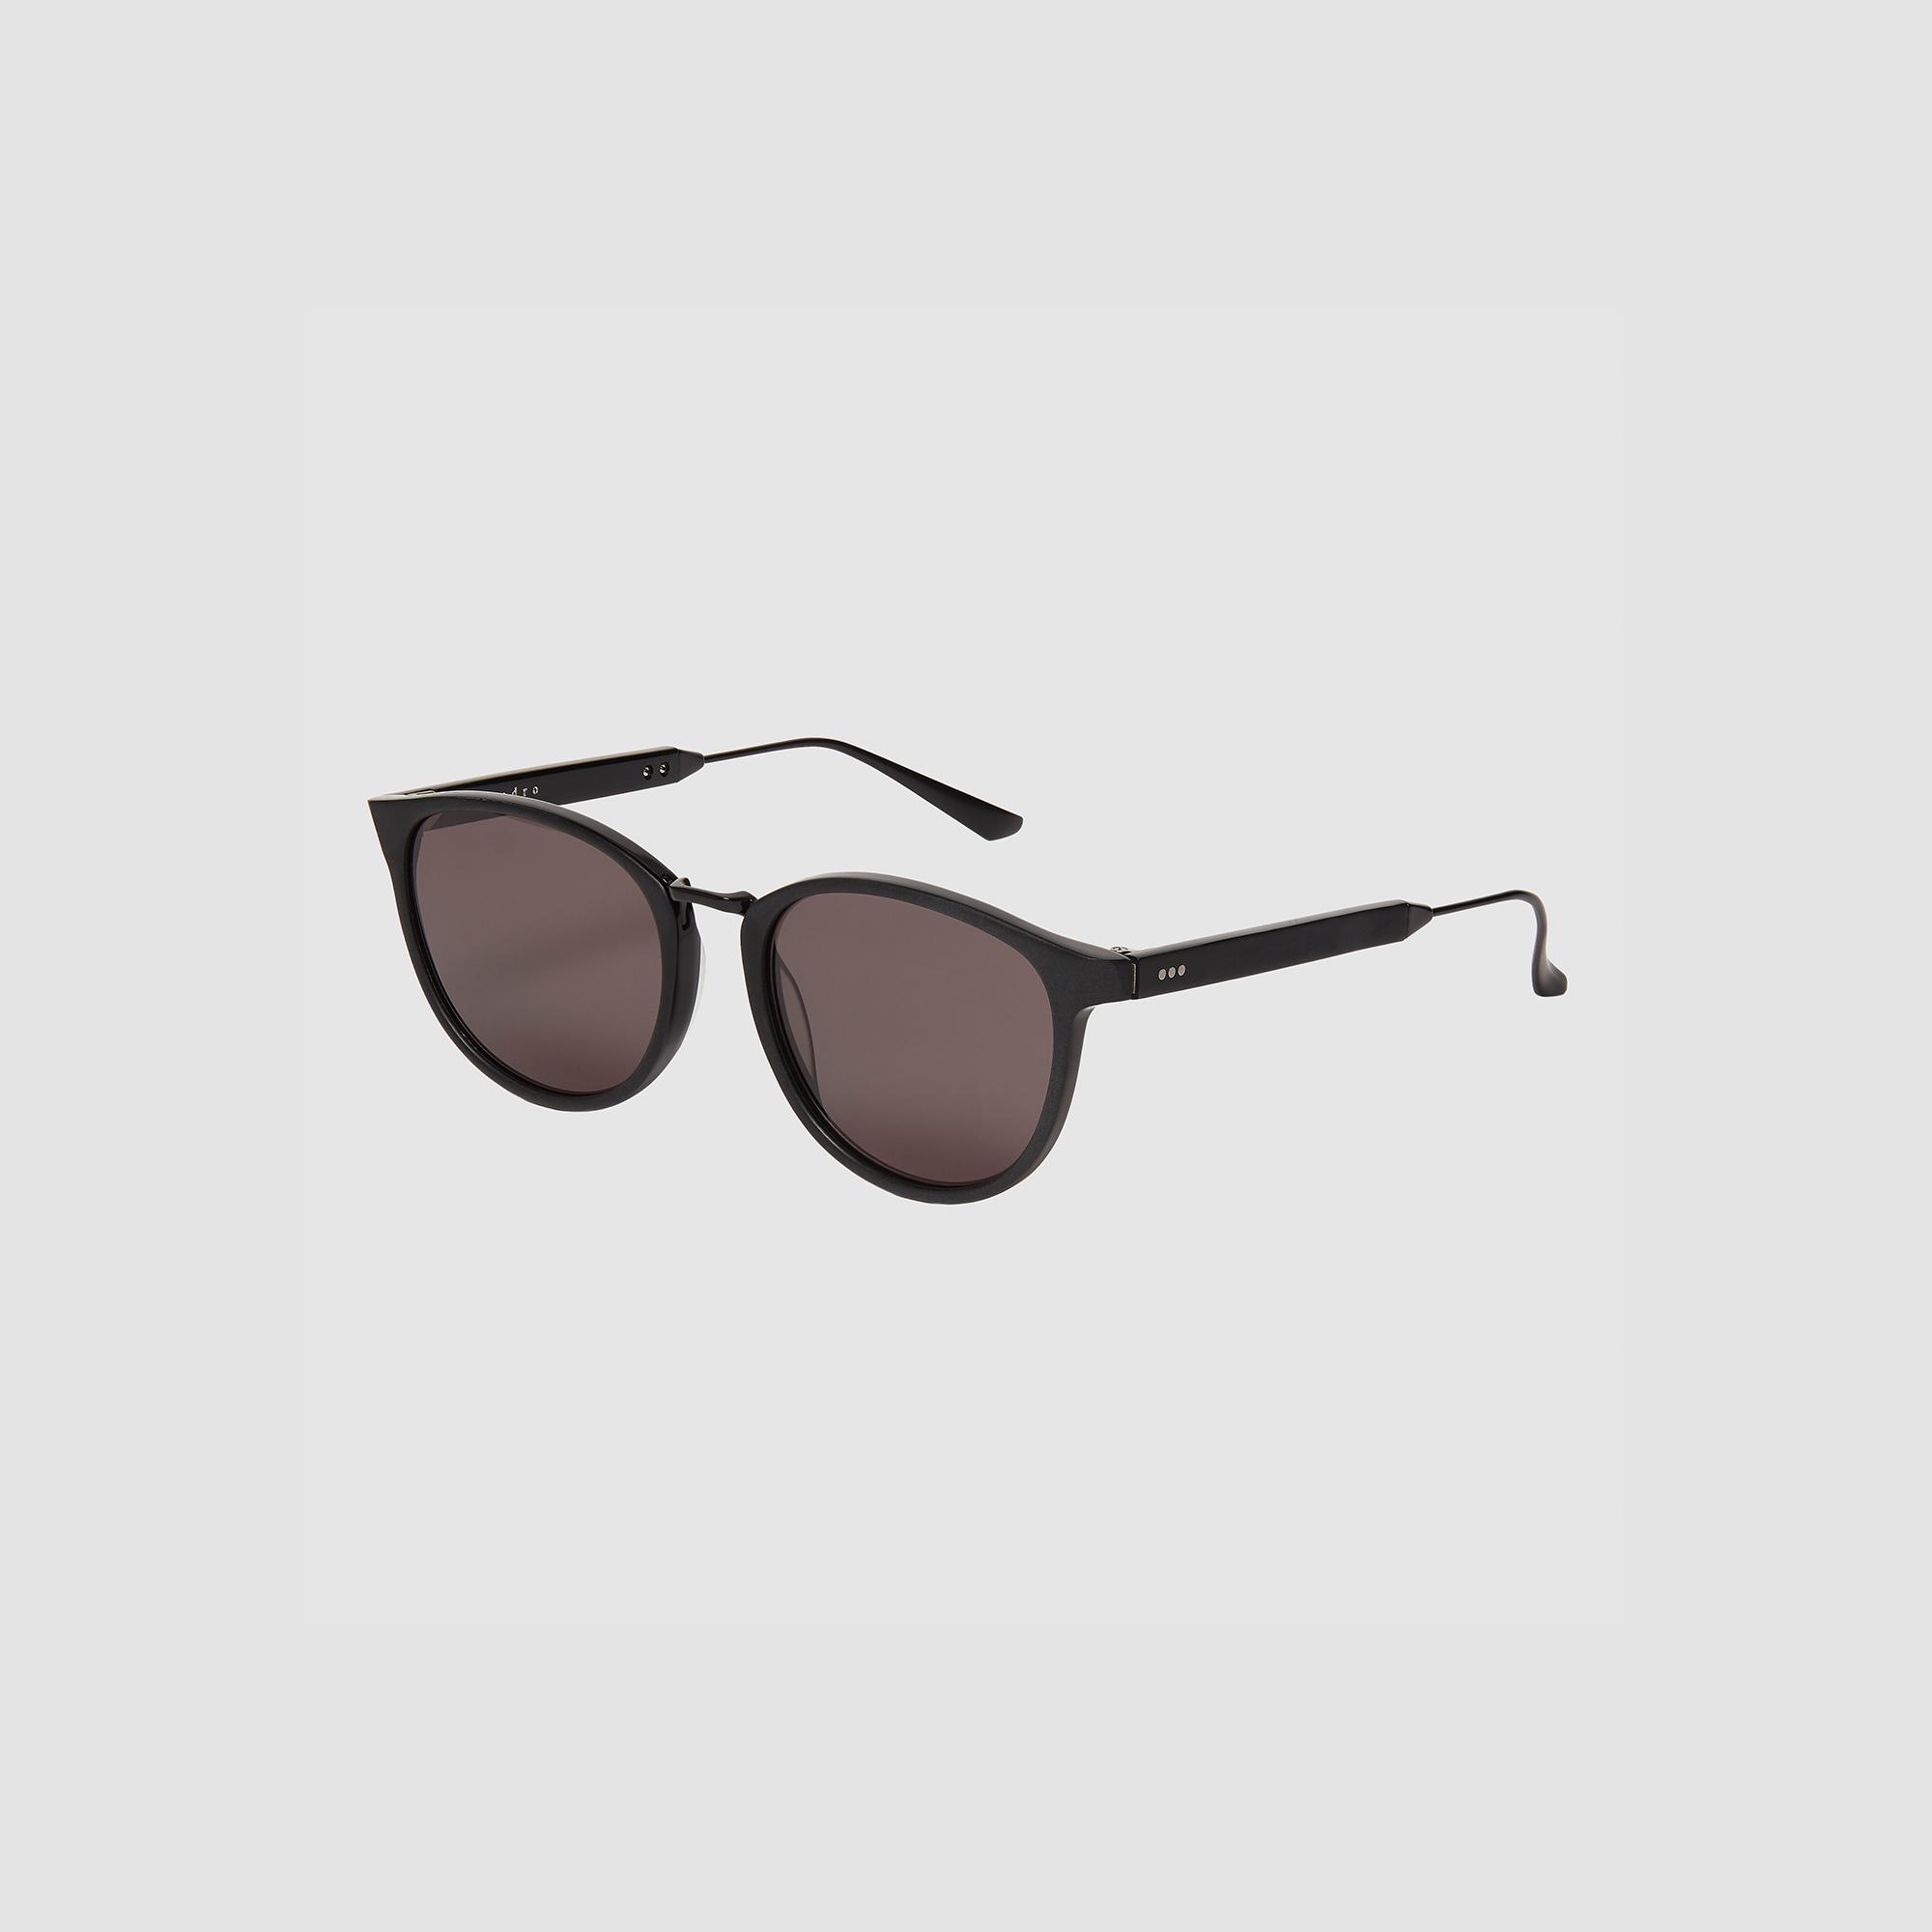 5be2b1e2588a5 Rectangular Sunglasses   Sunglasses color Black ...